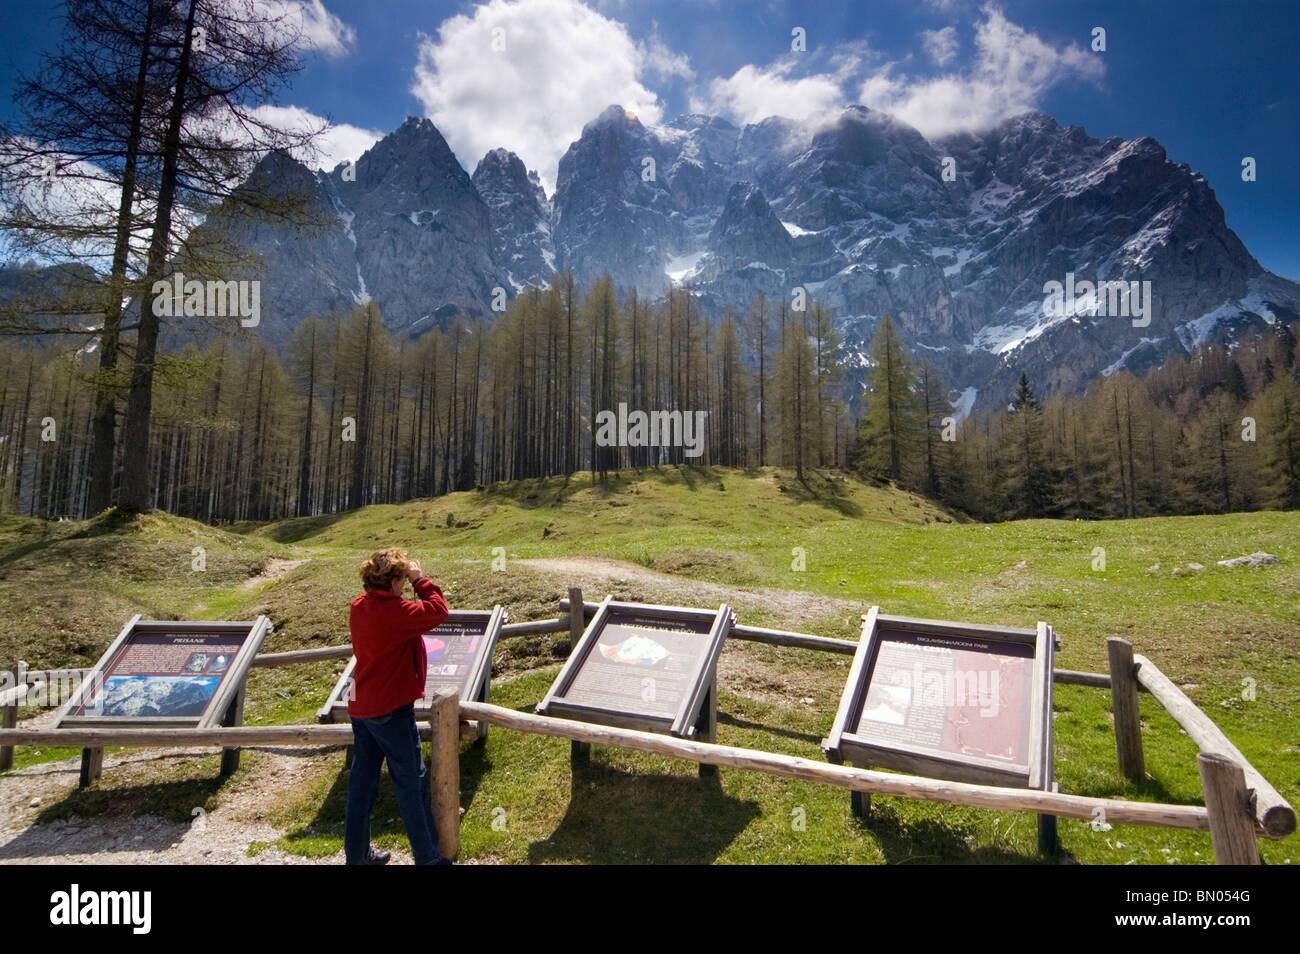 Elk191-2706 Slovenia, sulle Alpi Giulie, Triglav Parco Nat, visitatore (modello rilasciato) ammirando la vista sulla Immagini Stock